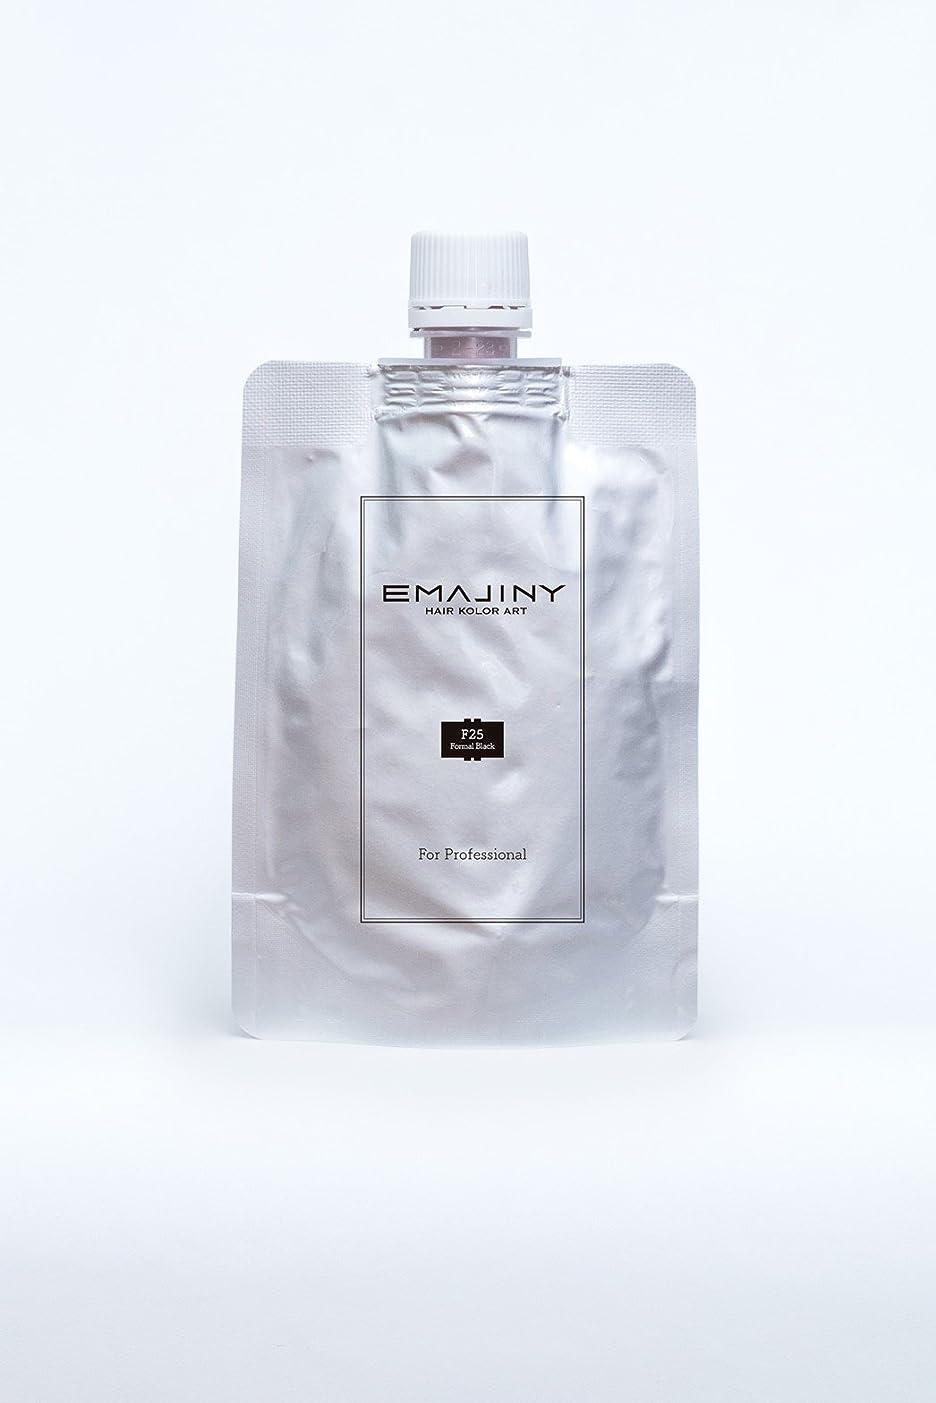 敷居負耳EMAJINY Formal Black F25(ブラックカラーワックス)黒プロフェッショナル100g大容量パック【日本製】【無香料】